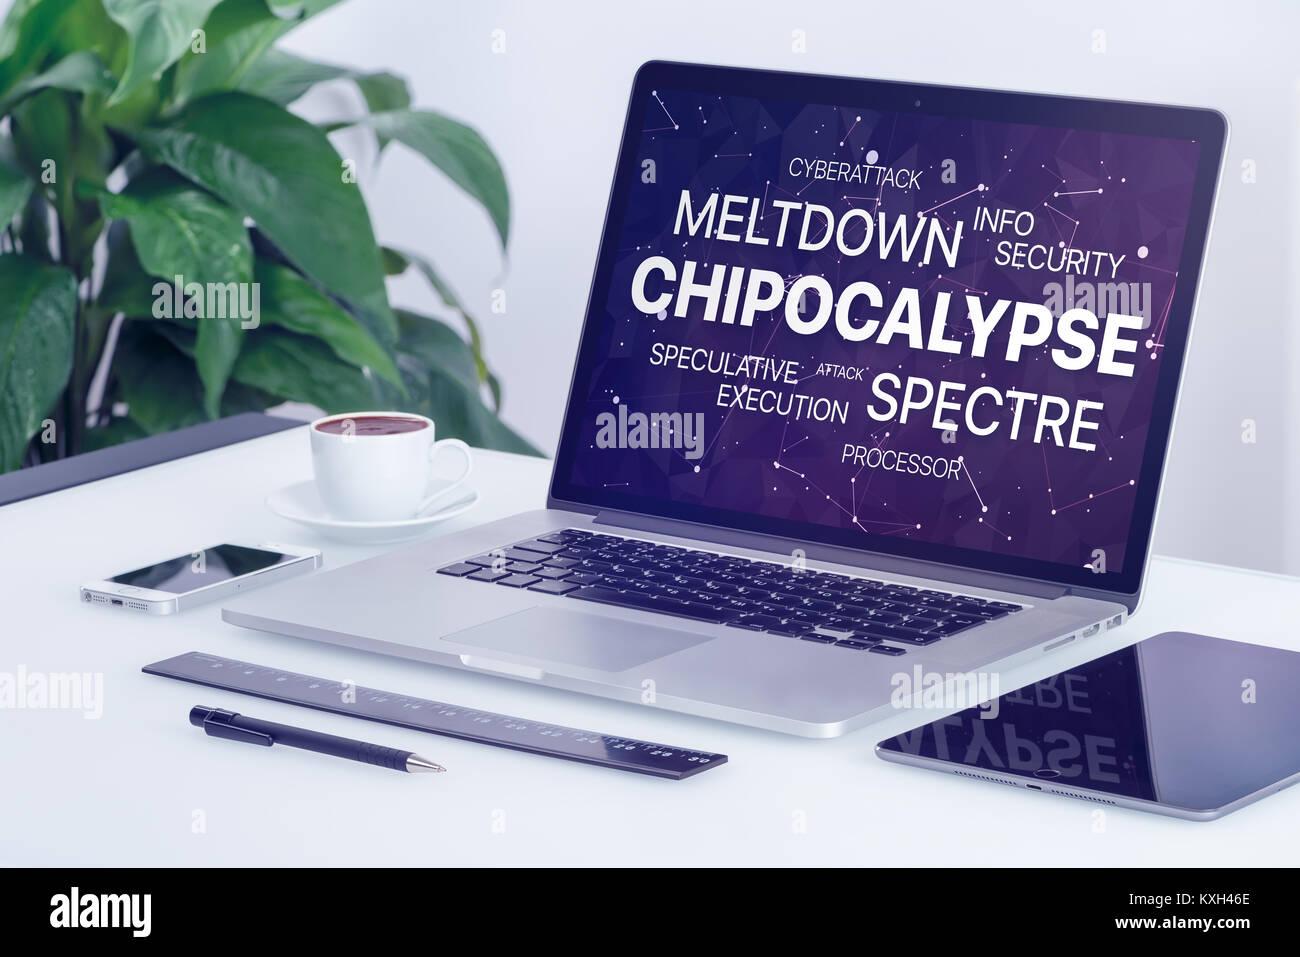 Chipocalypse Konzept mit Kernschmelze und Gespenst Bedrohung Wort Cloud auf dem Laptop Bildschirm. Stockbild